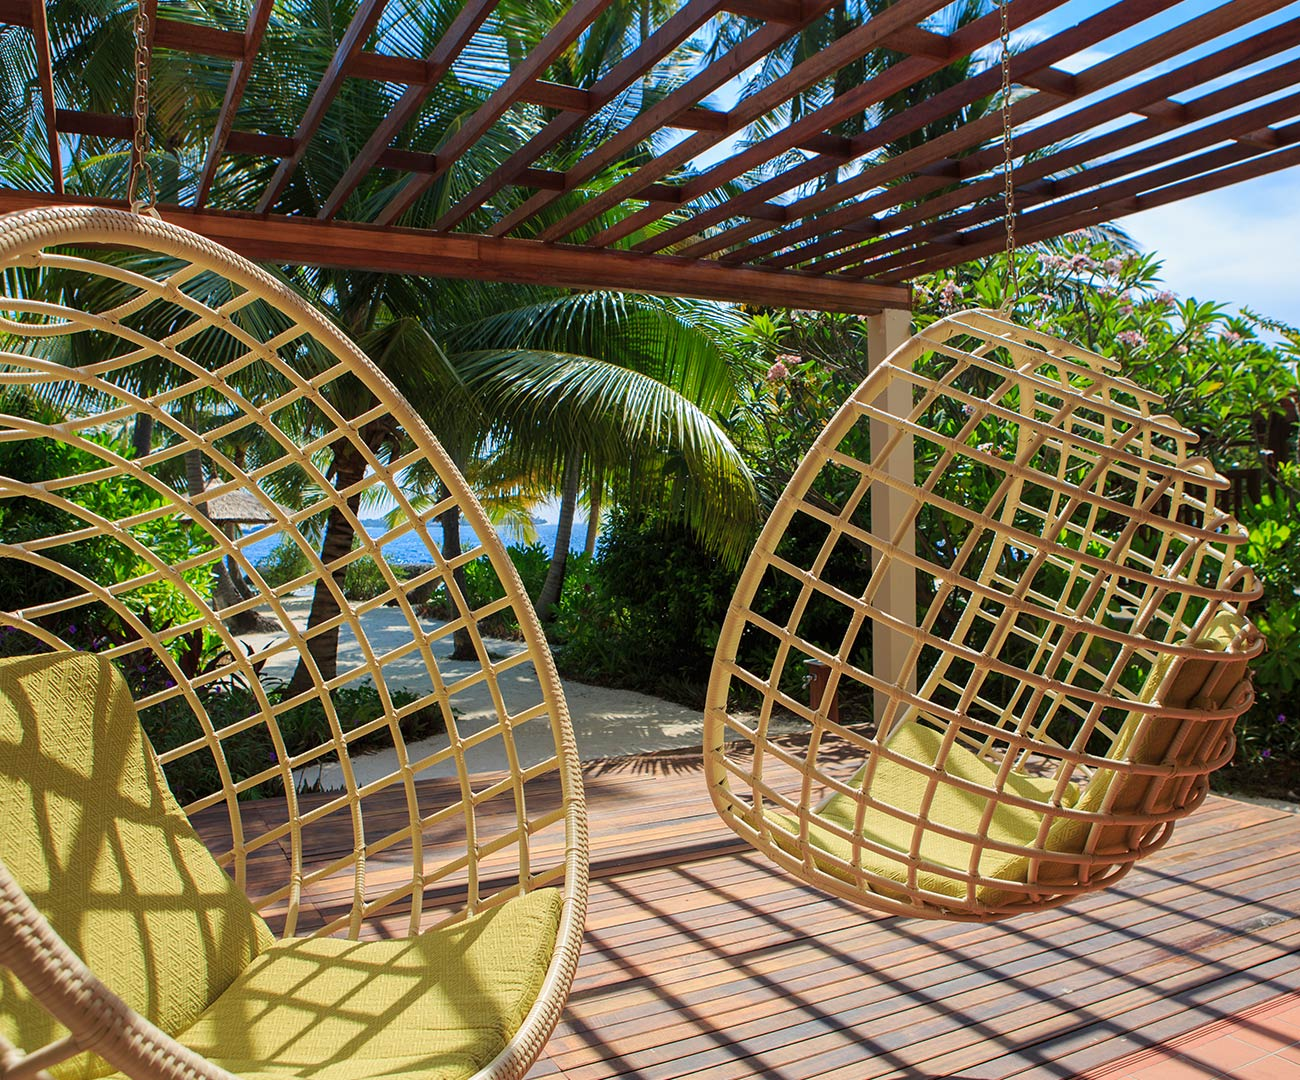 Kurumba Maldives - Family Villa - Balcony Image - Maldives Resorts